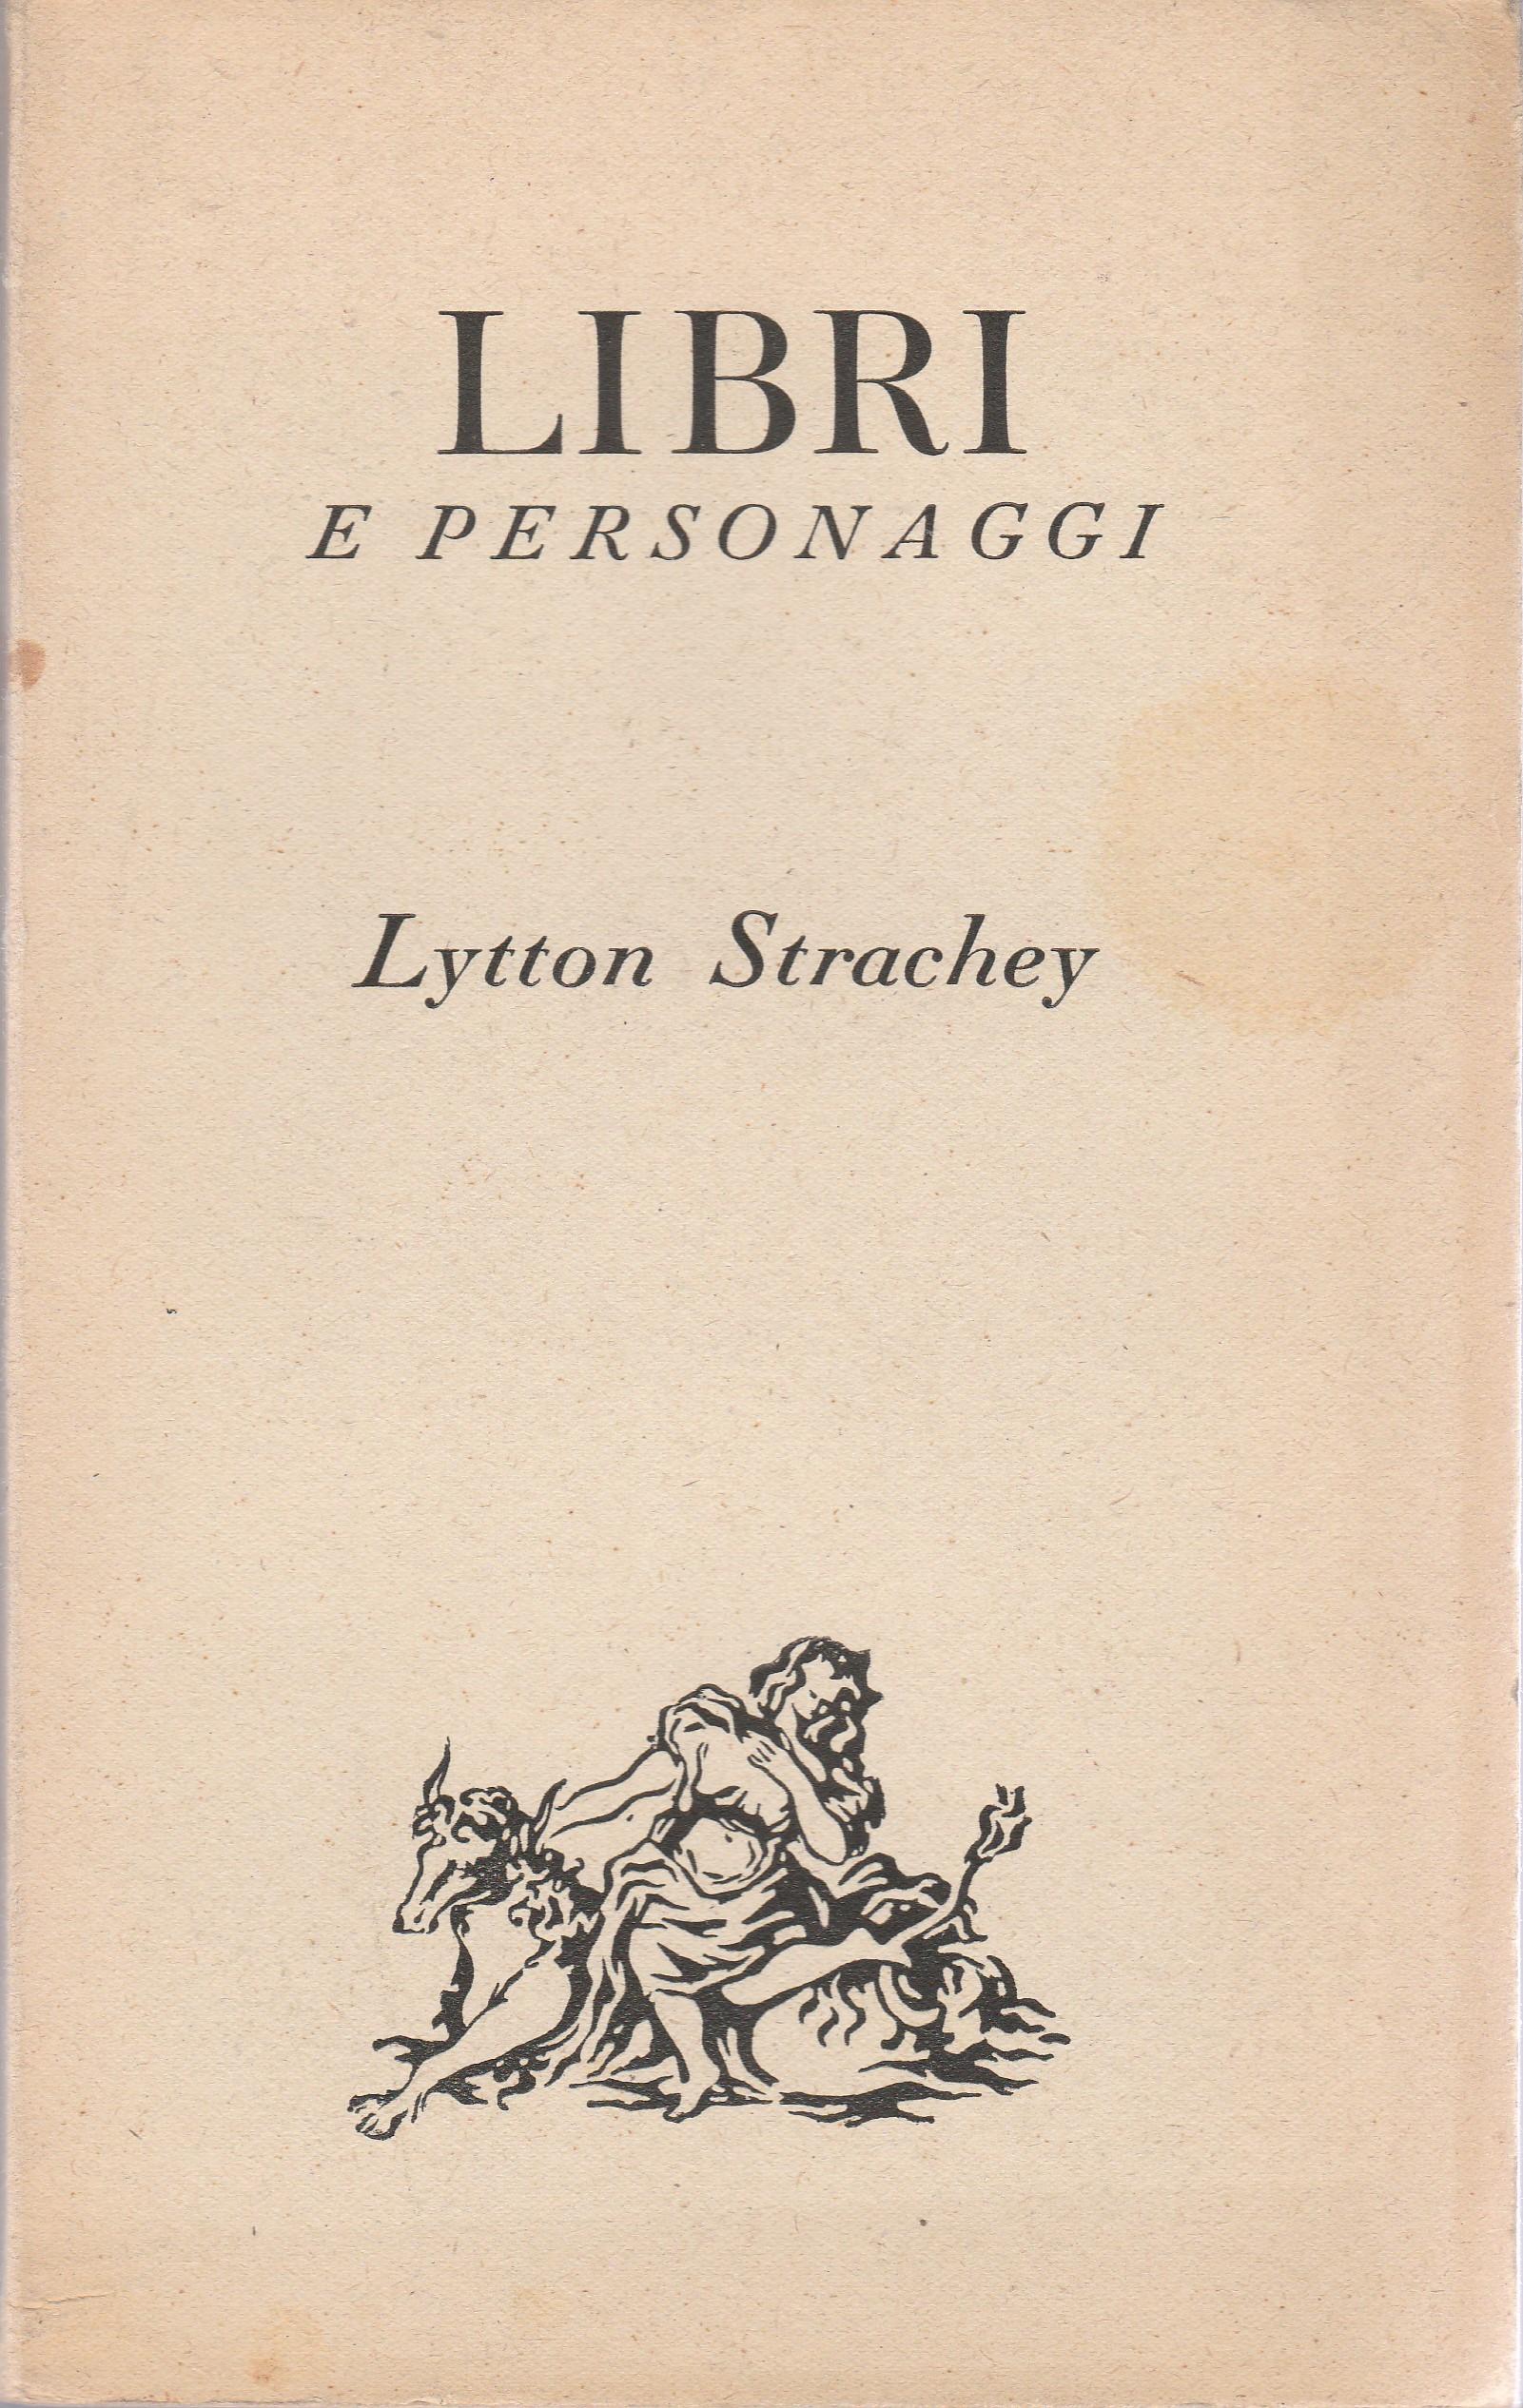 Libri e personaggi